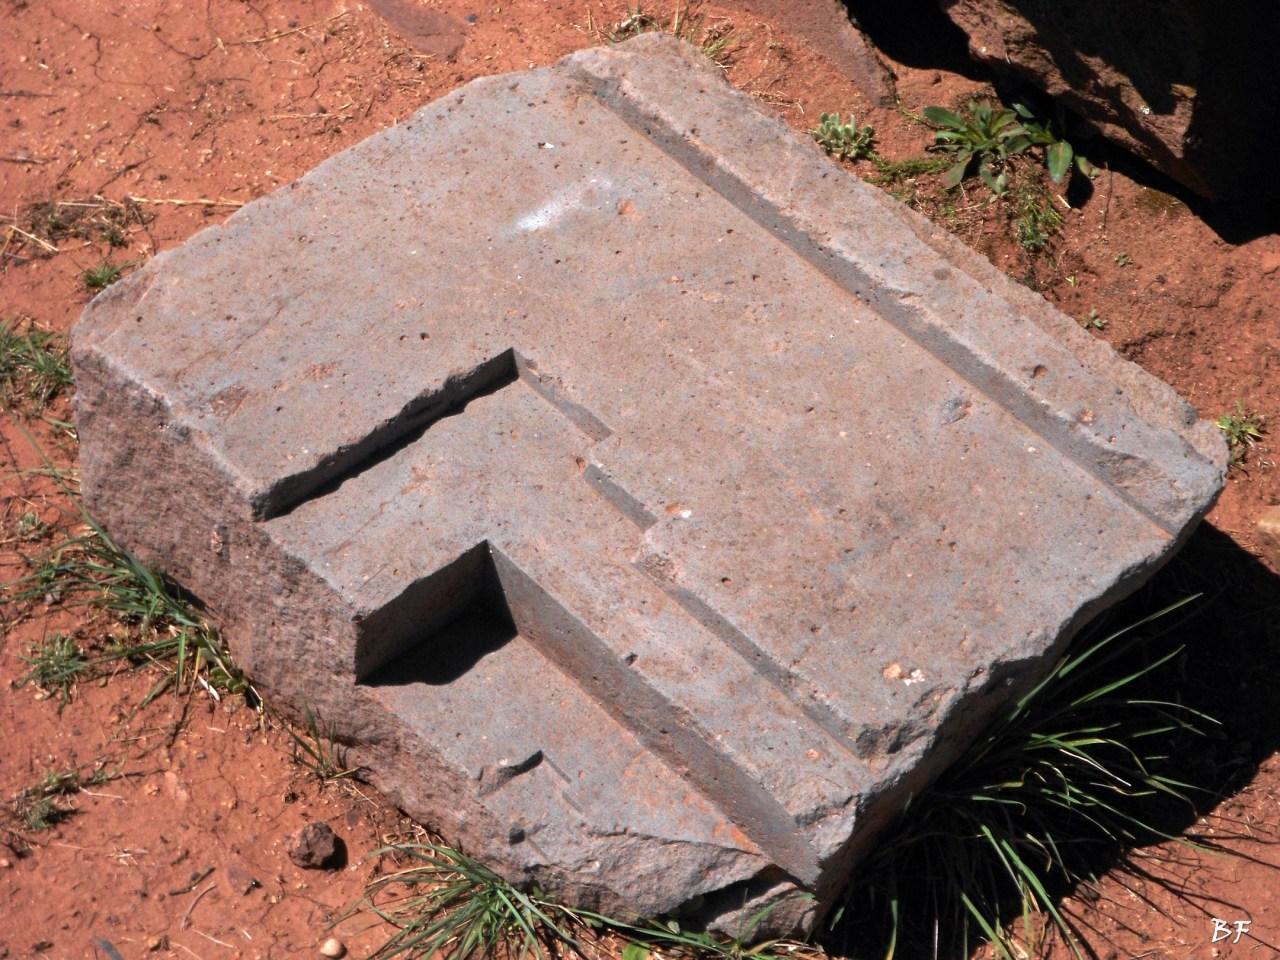 Puma-Punku-Area-Megalitica-Mura-Poligonali-Megaliti-Tiwanaku-Tiahuanaco-Bolivia-54